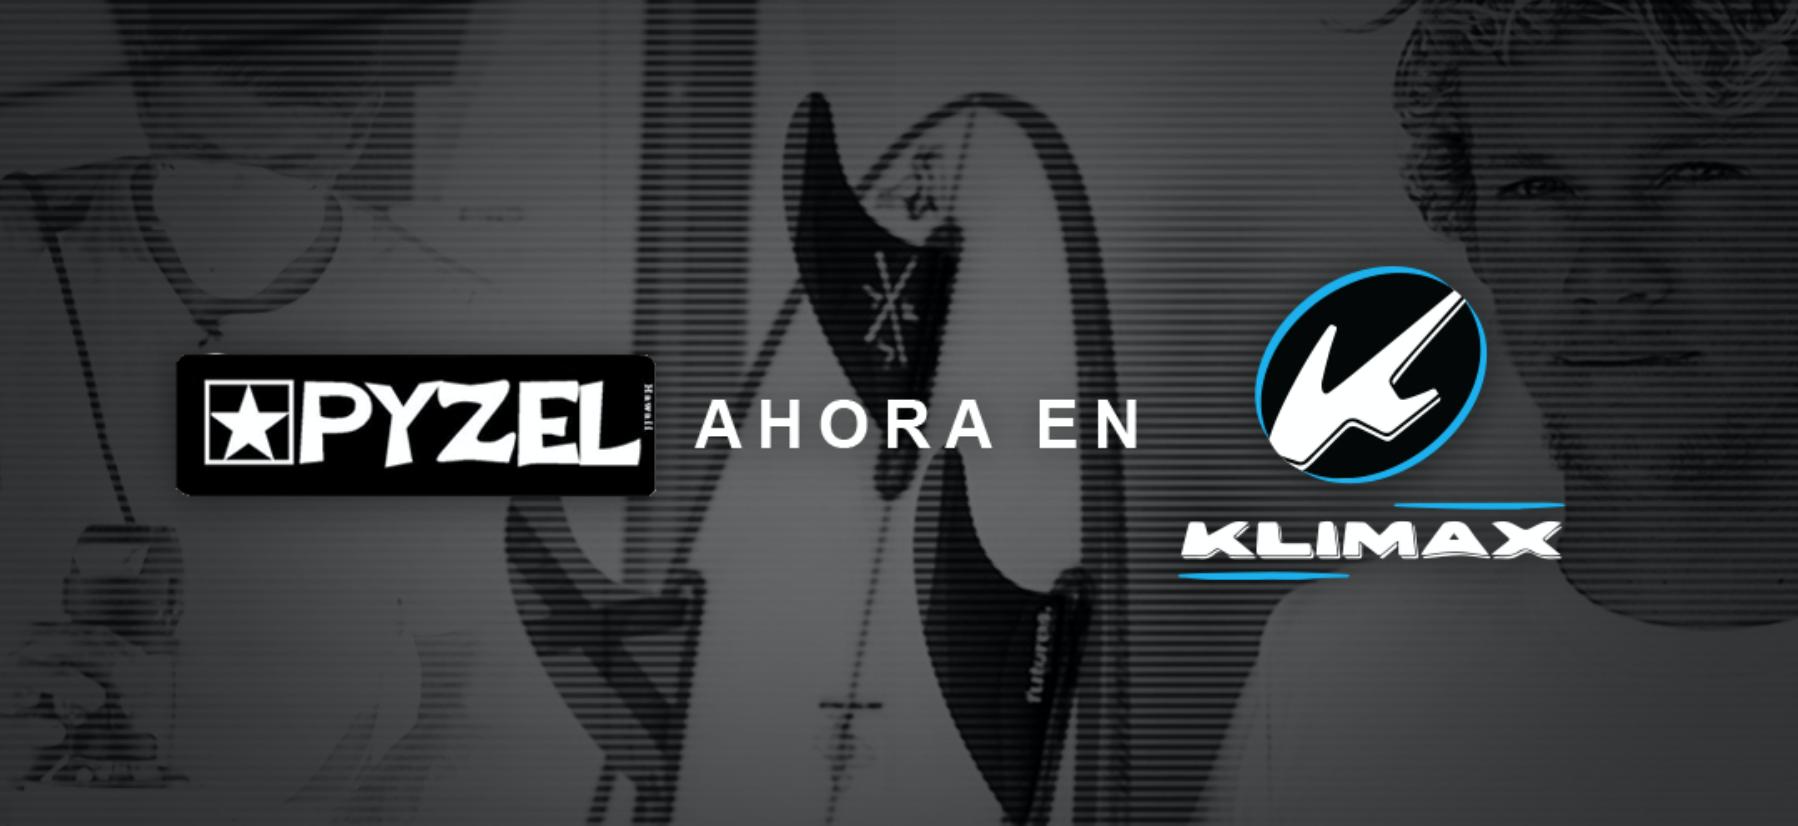 Klimax Surfboards obtiene licencia internacional para la producción de tablas Pyzel en Perú